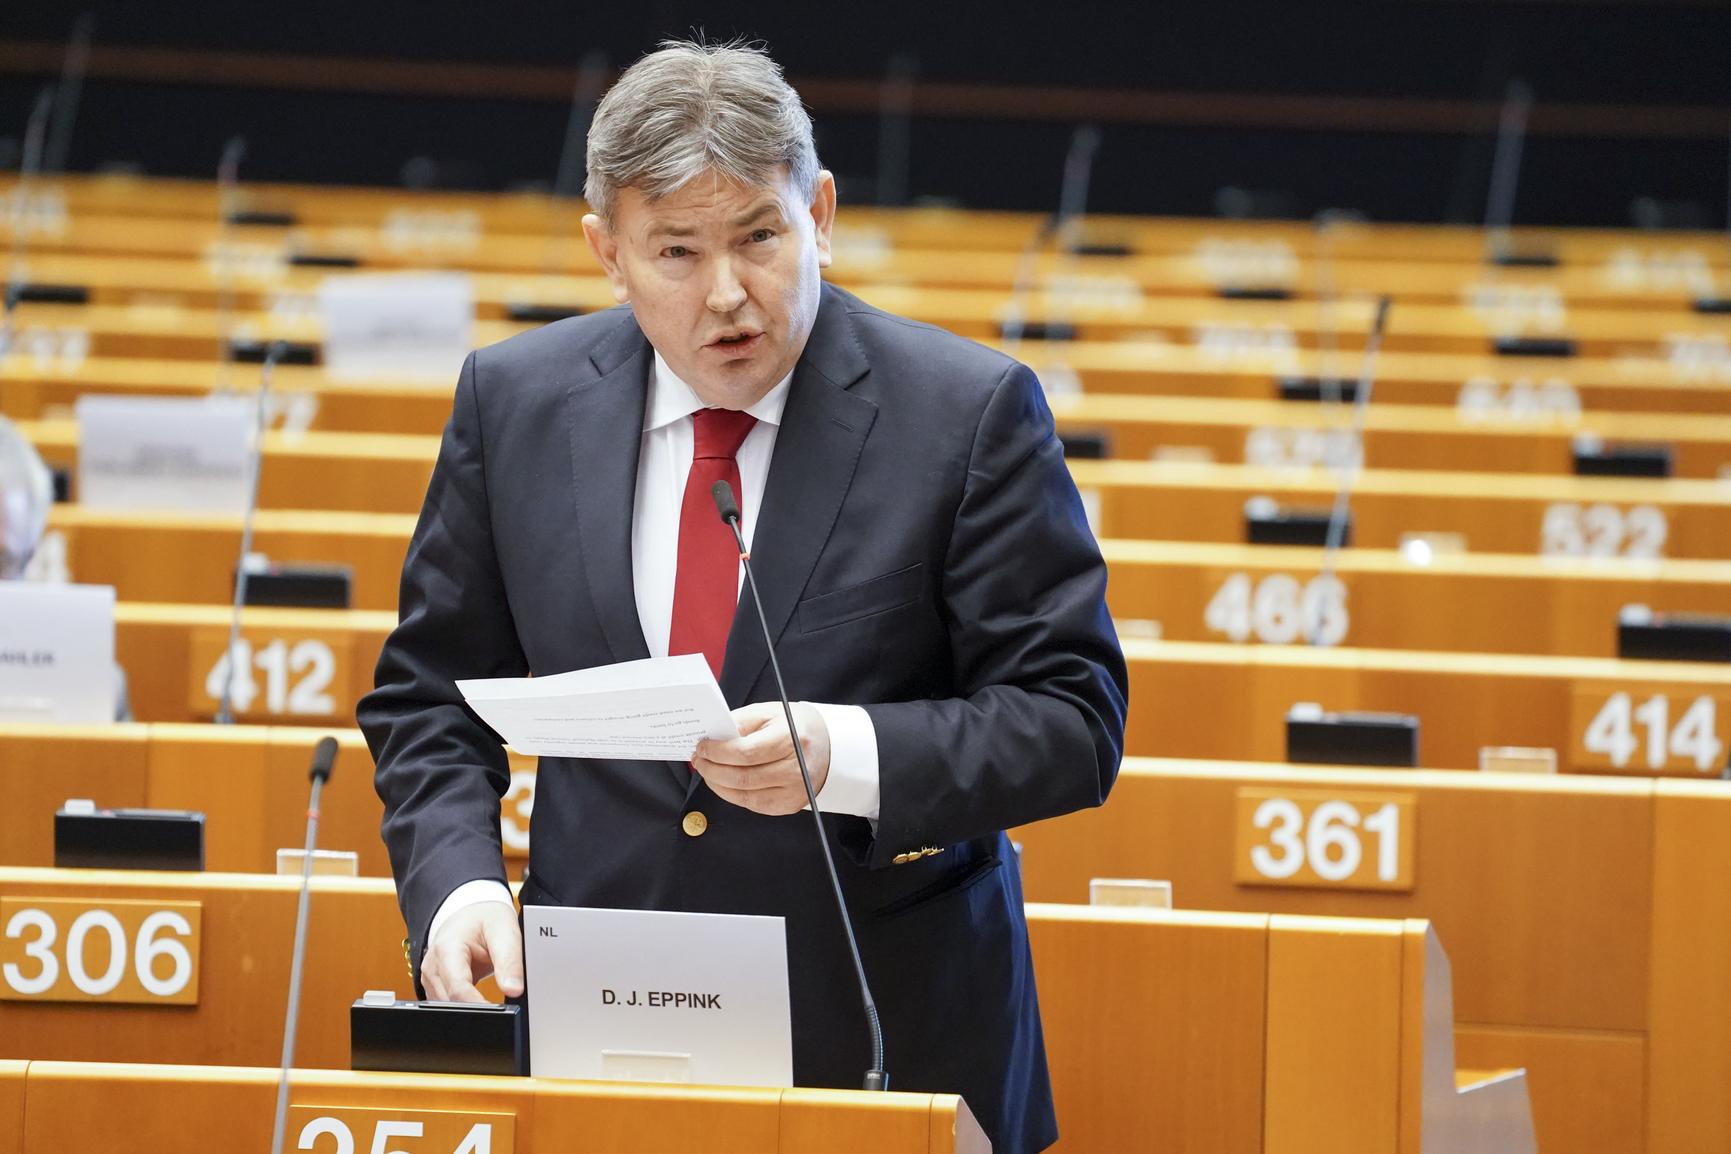 ECR Group: We need to put pragmatism first